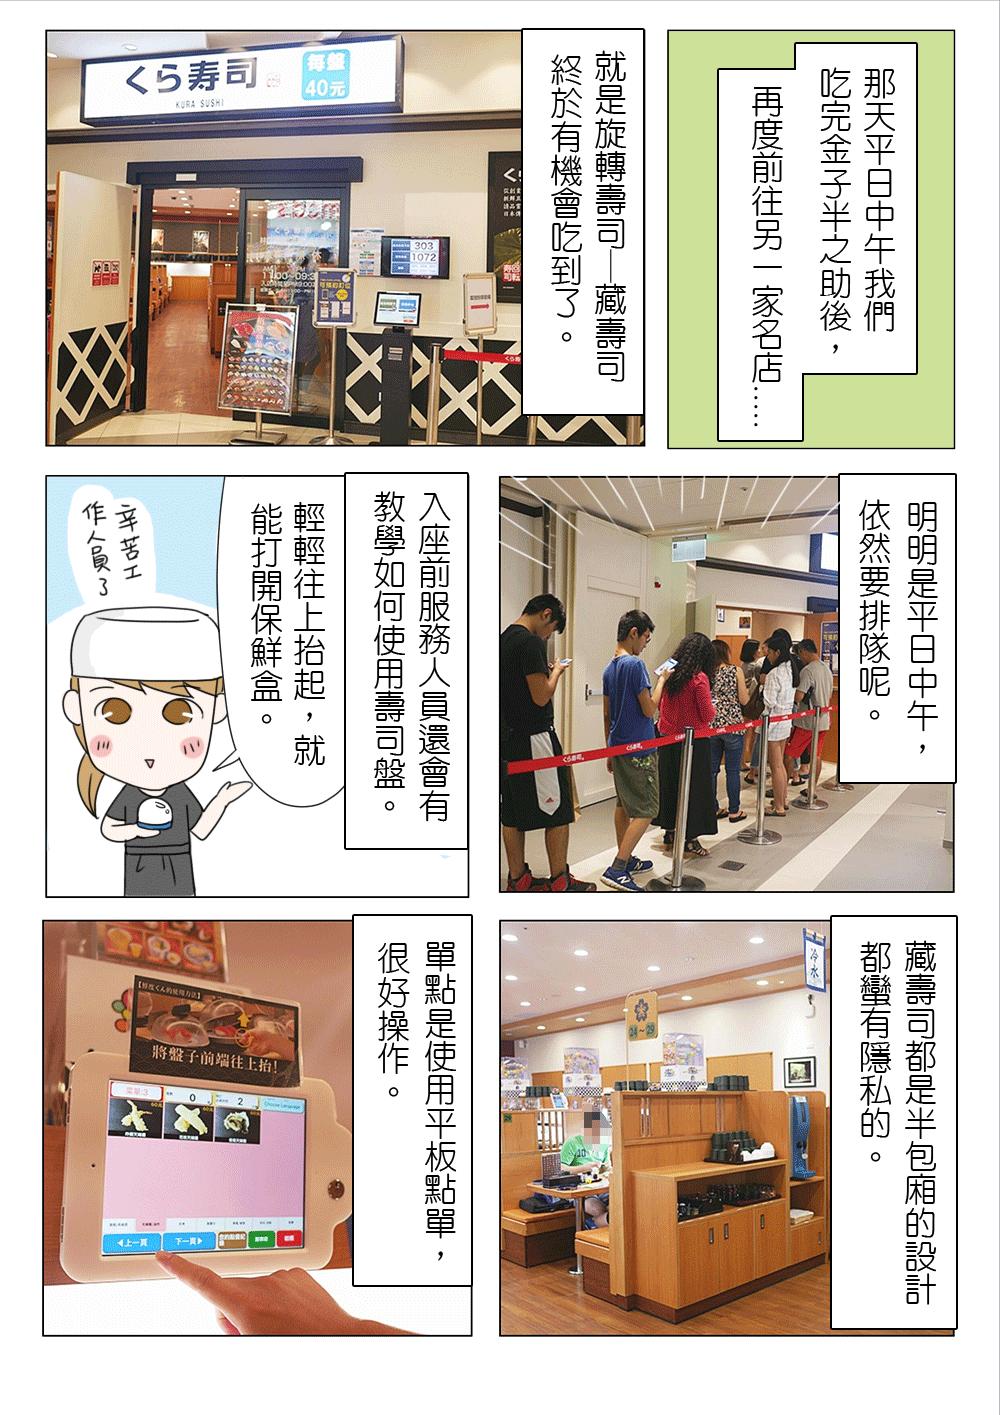 【漫畫食記】林口 三井Outlet 美食 藏壽司 くら寿司 好吃好玩有趣的旋轉壽司!